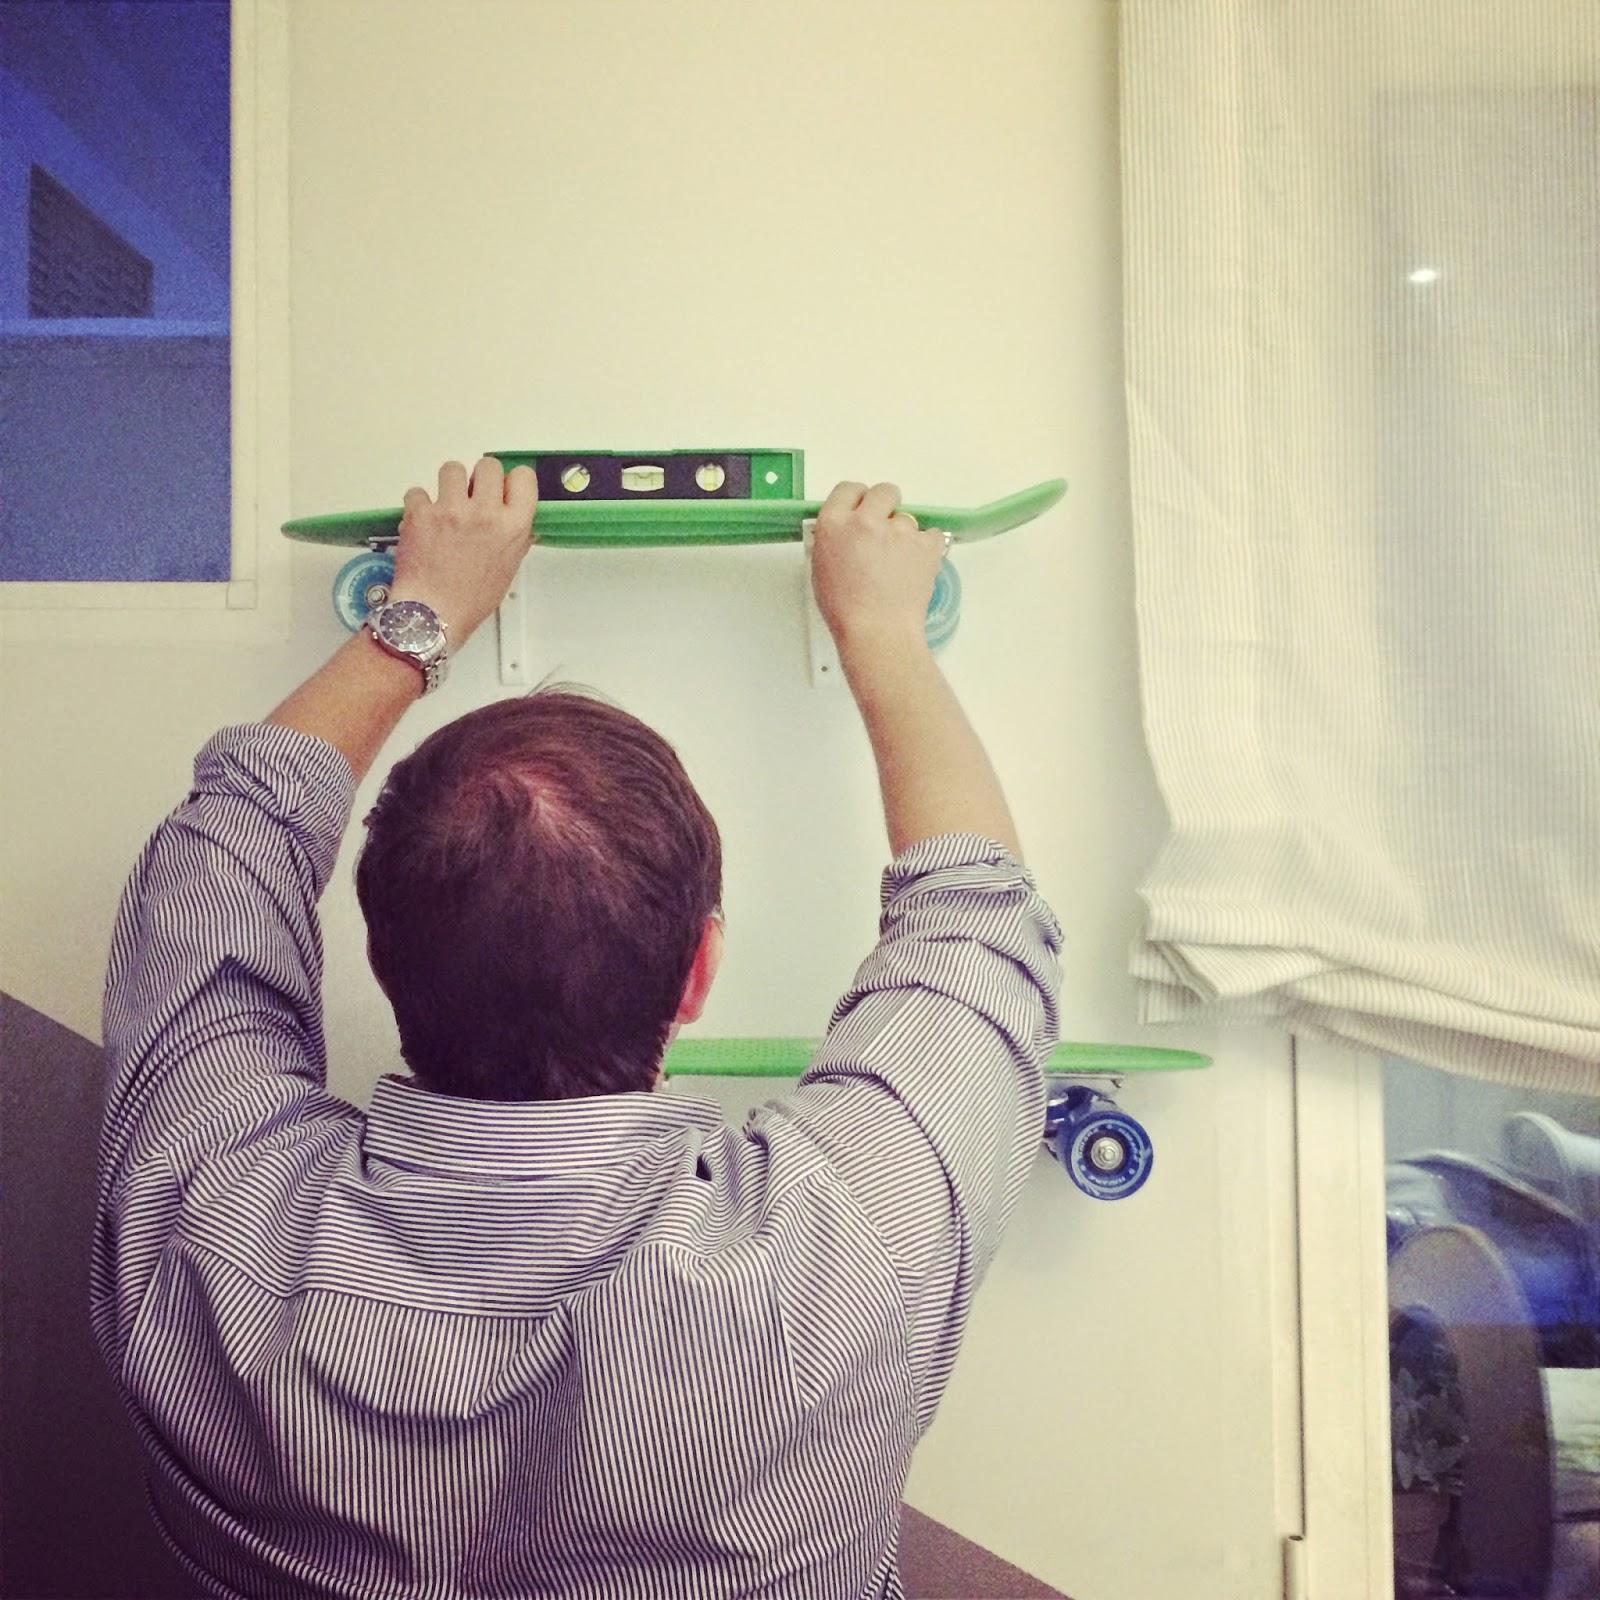 Nivelación de monopatín en pared para que quede recto